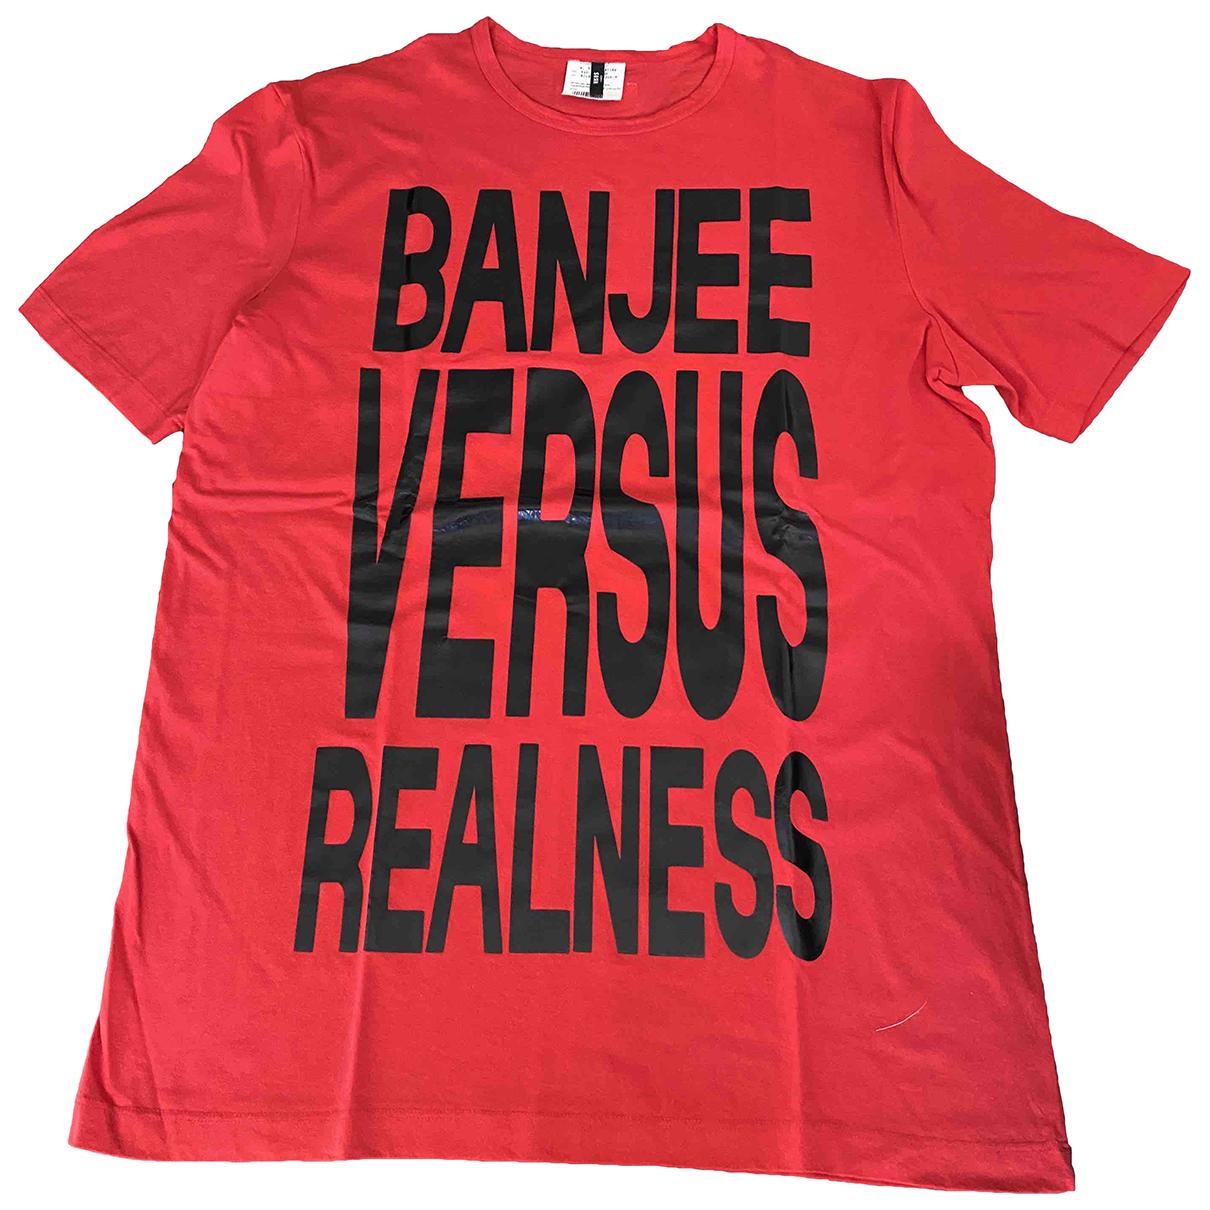 Versus - Tee shirts   pour homme en coton - rouge